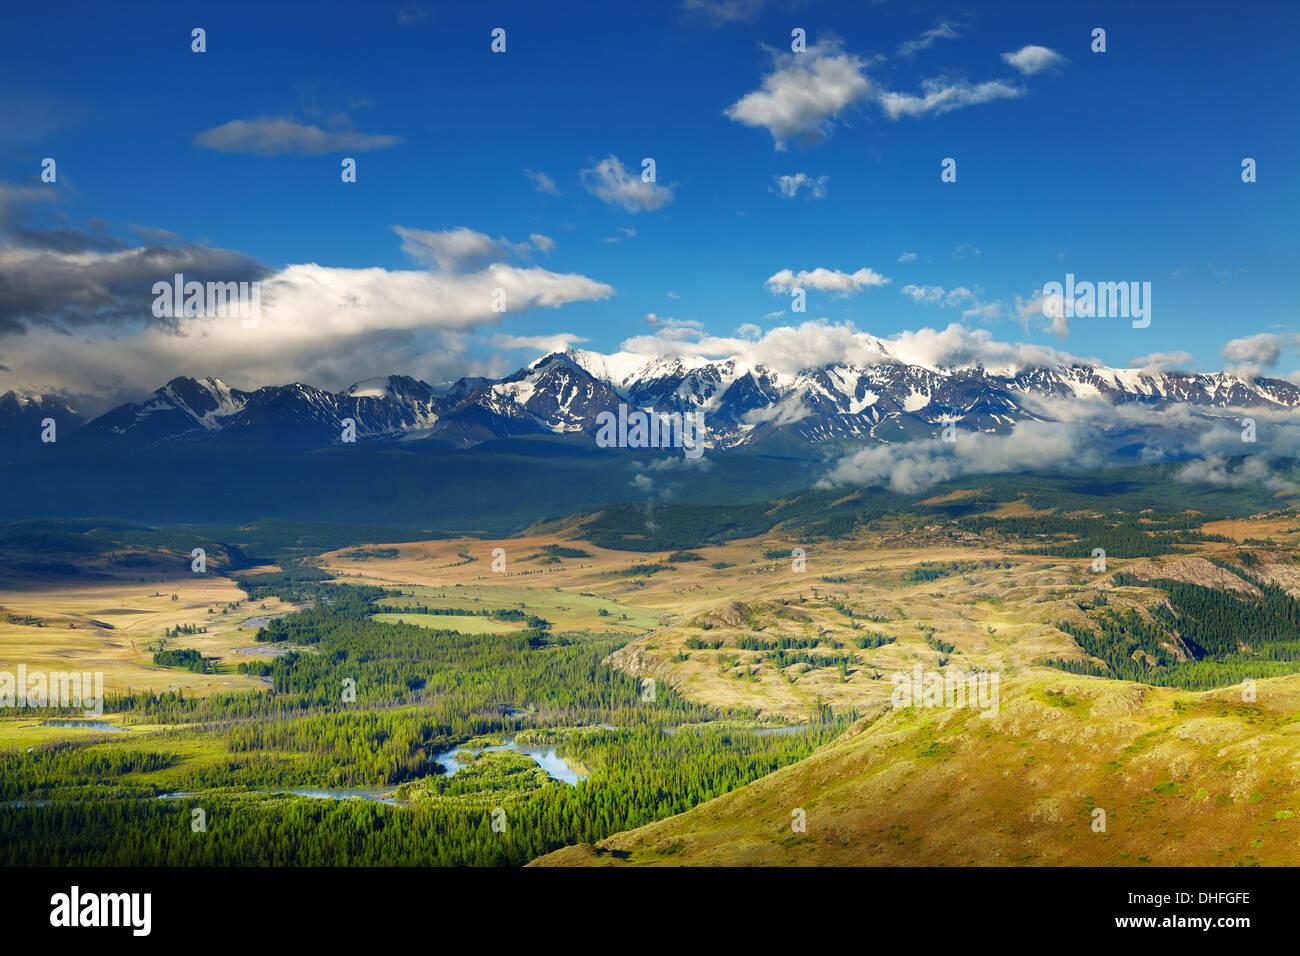 Paysage de montagne avec des sommets enneigés et Photo Stock